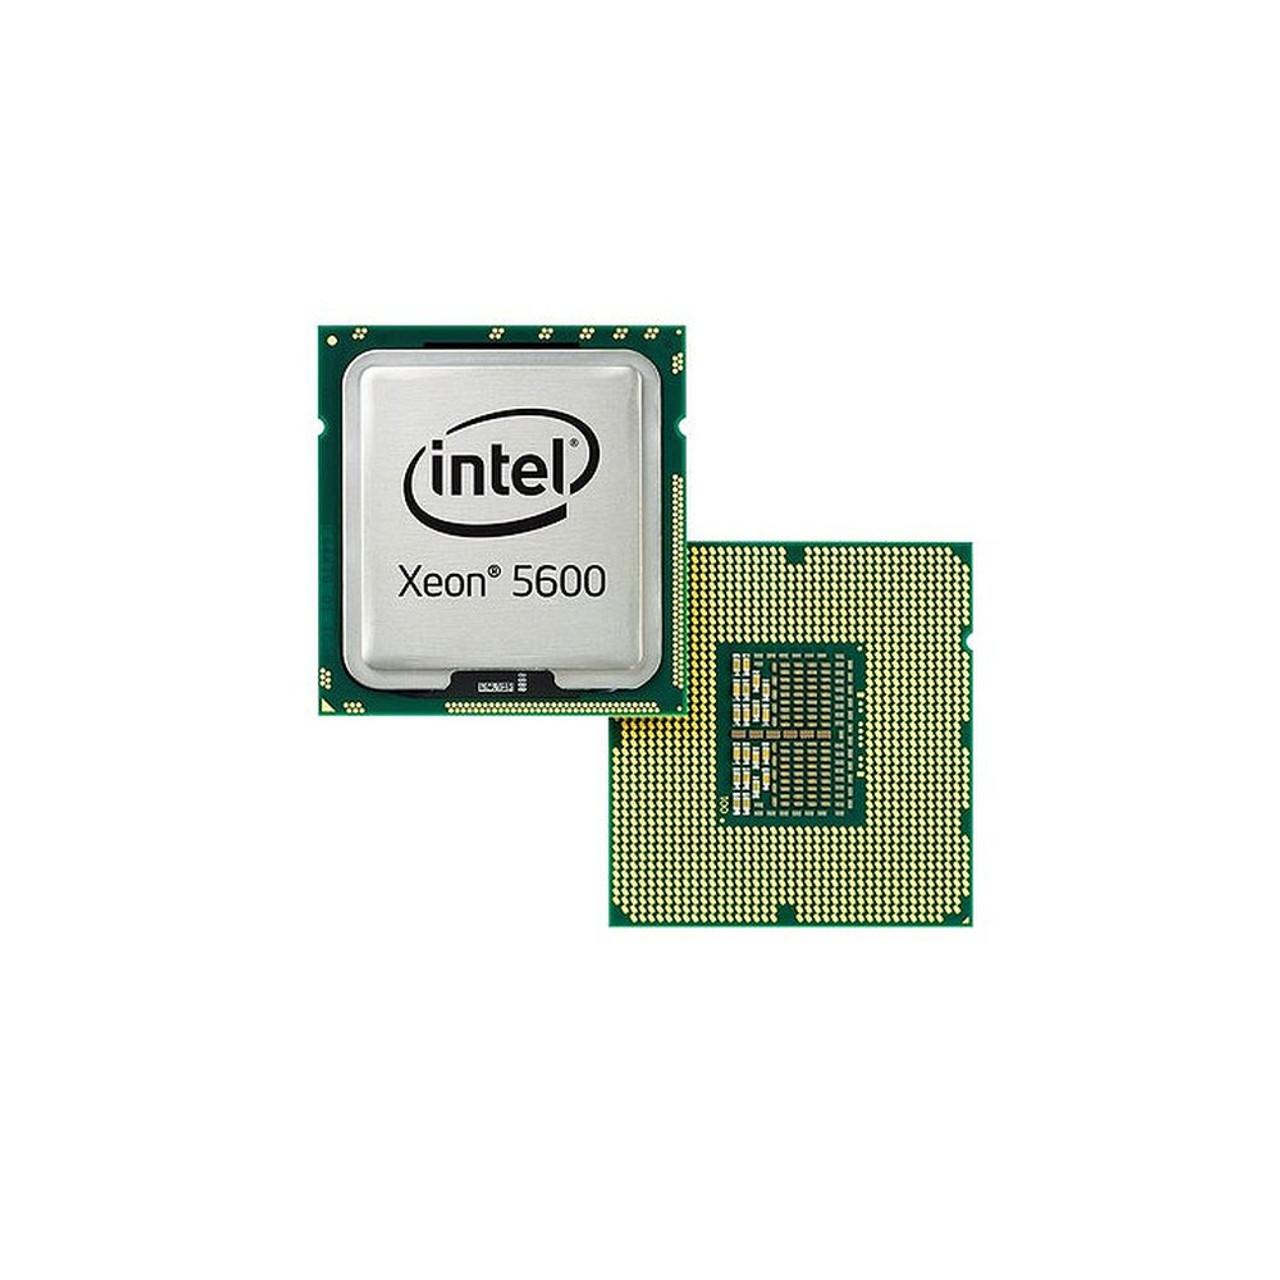 Intel SLBV8 Xeon 2 27GHZ 12MB 5 86GT Six-Core L5640 CPU Processor